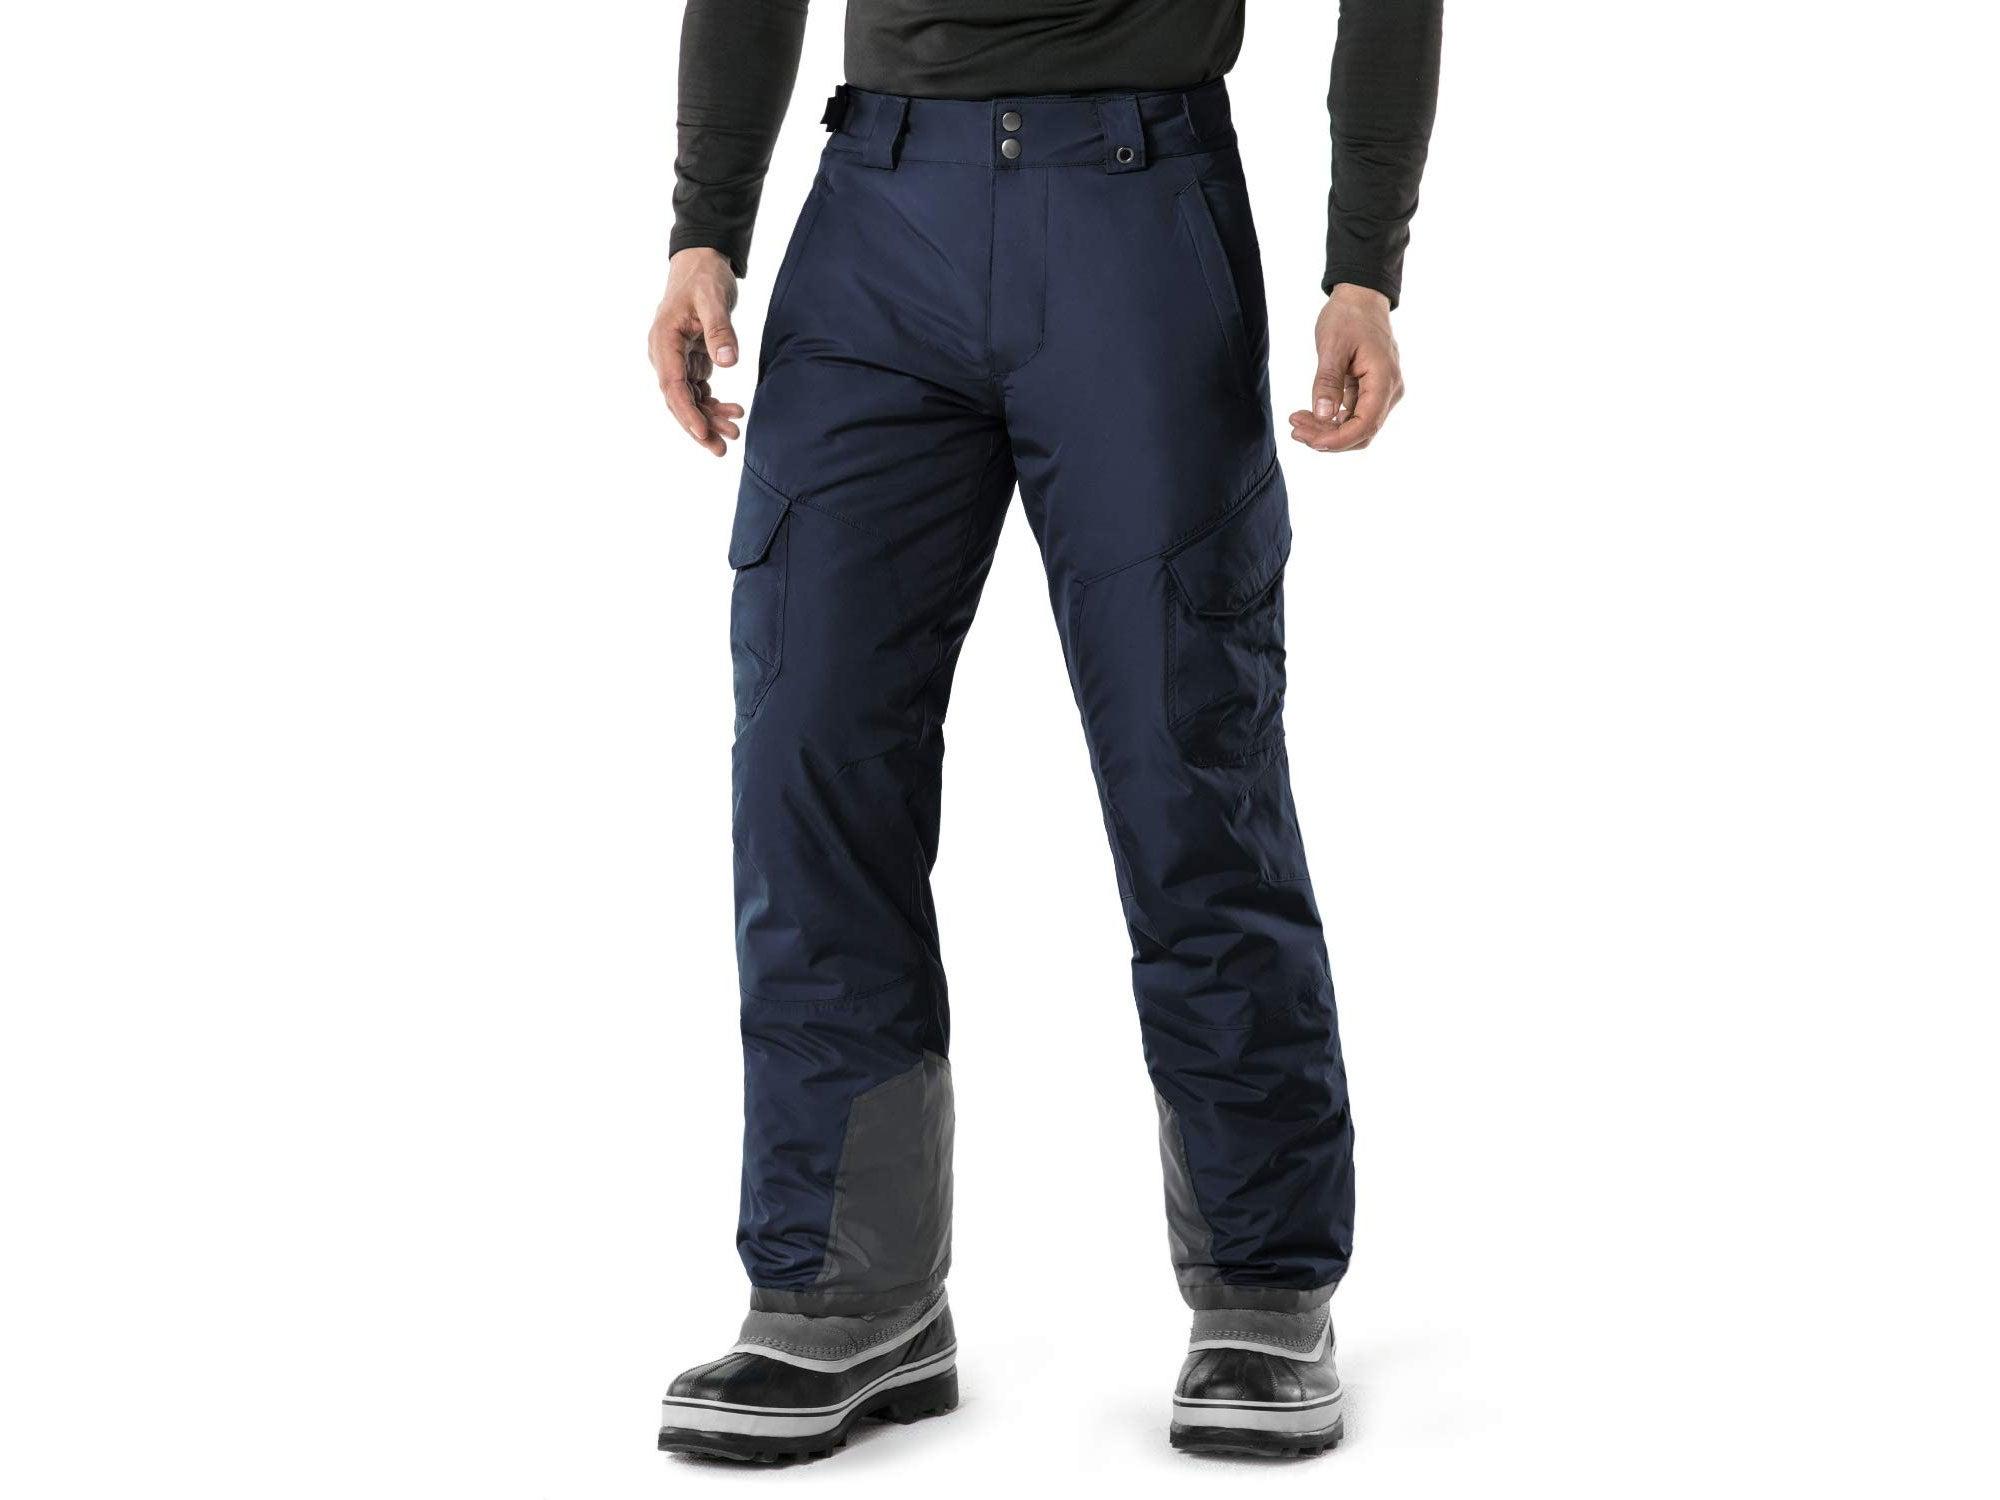 heavy-duty windproof pants